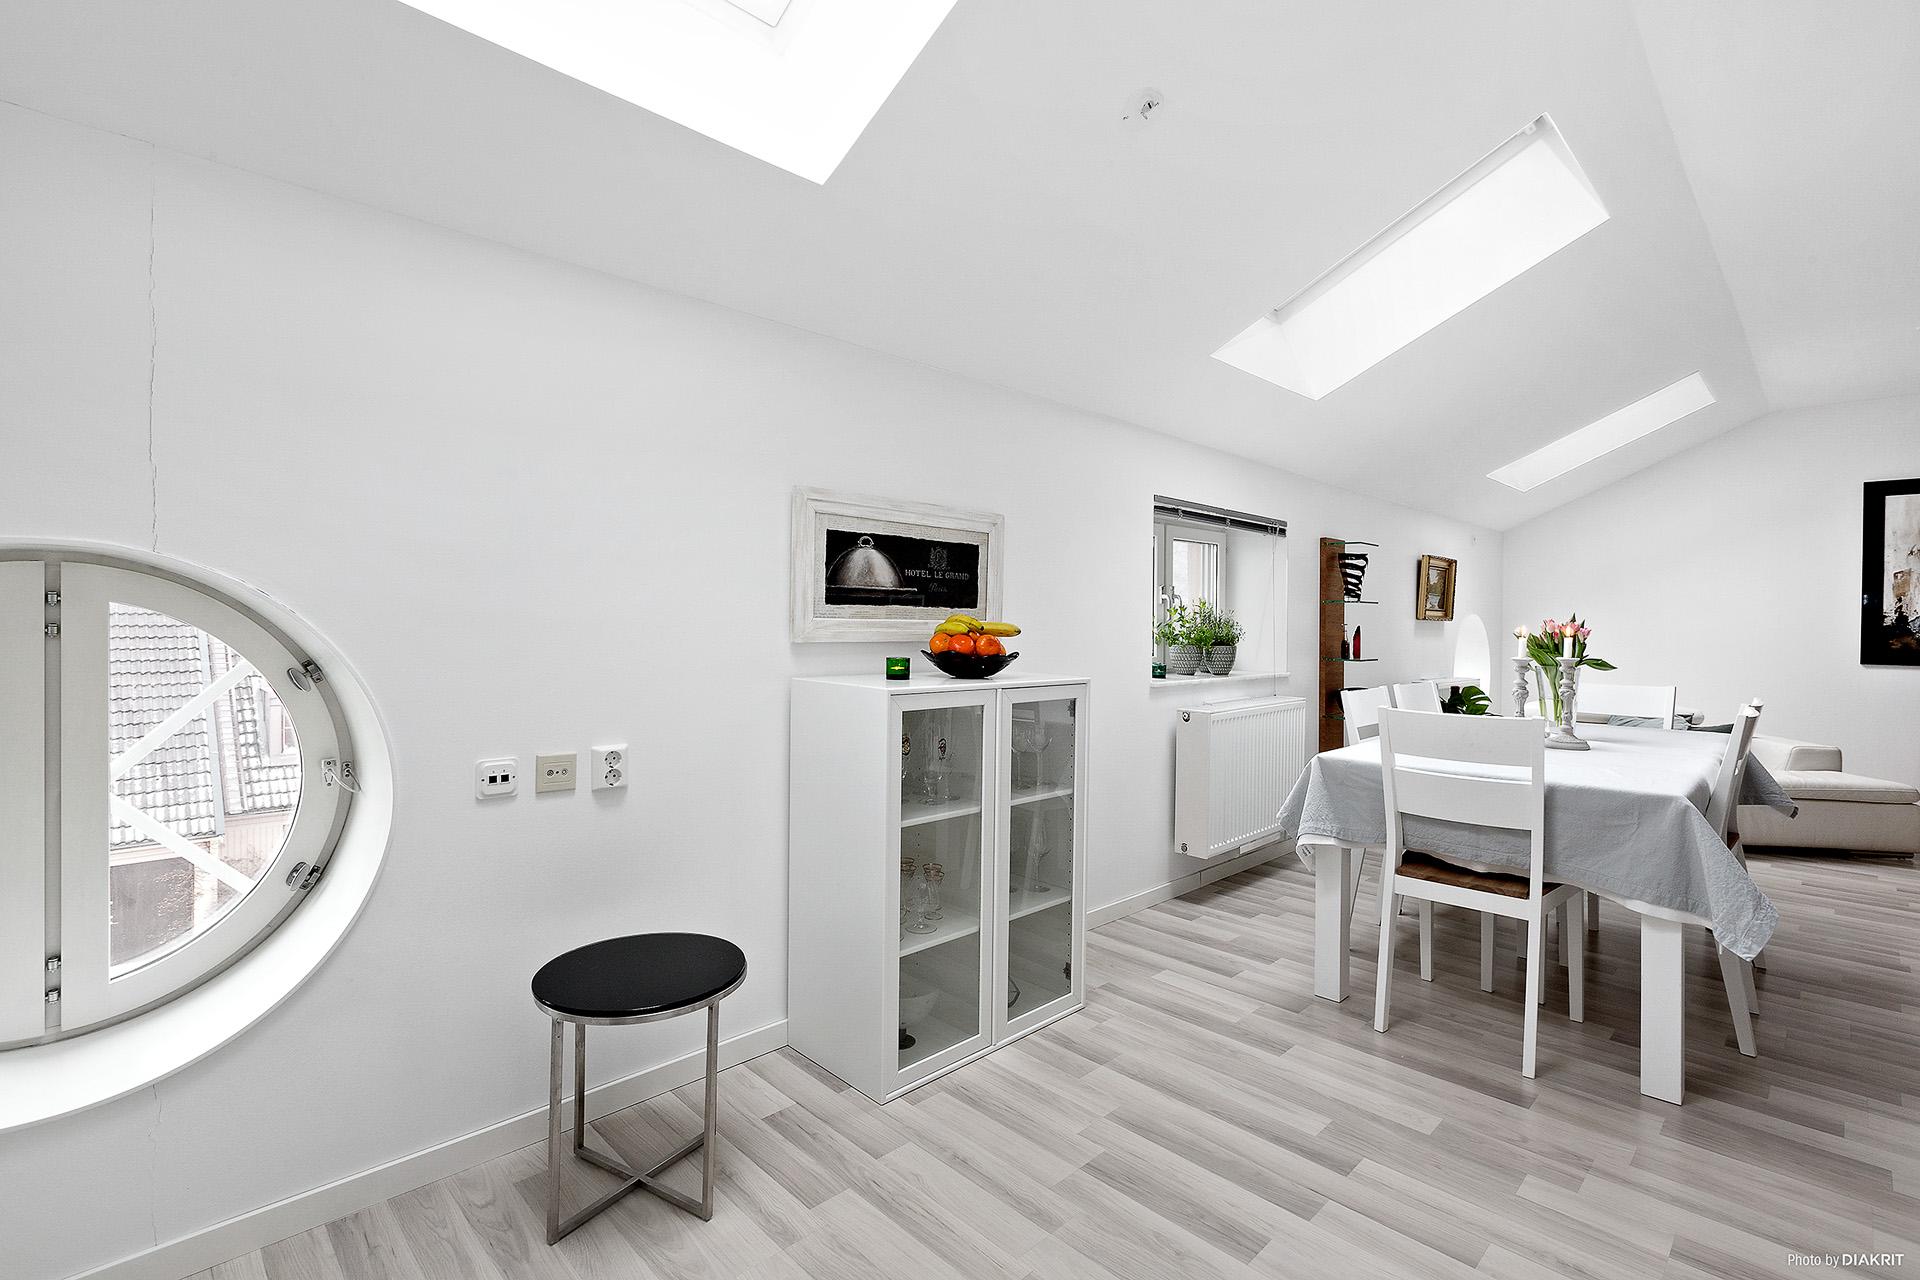 Matplats i kök - vackra detaljer med runt fönster och takfönster